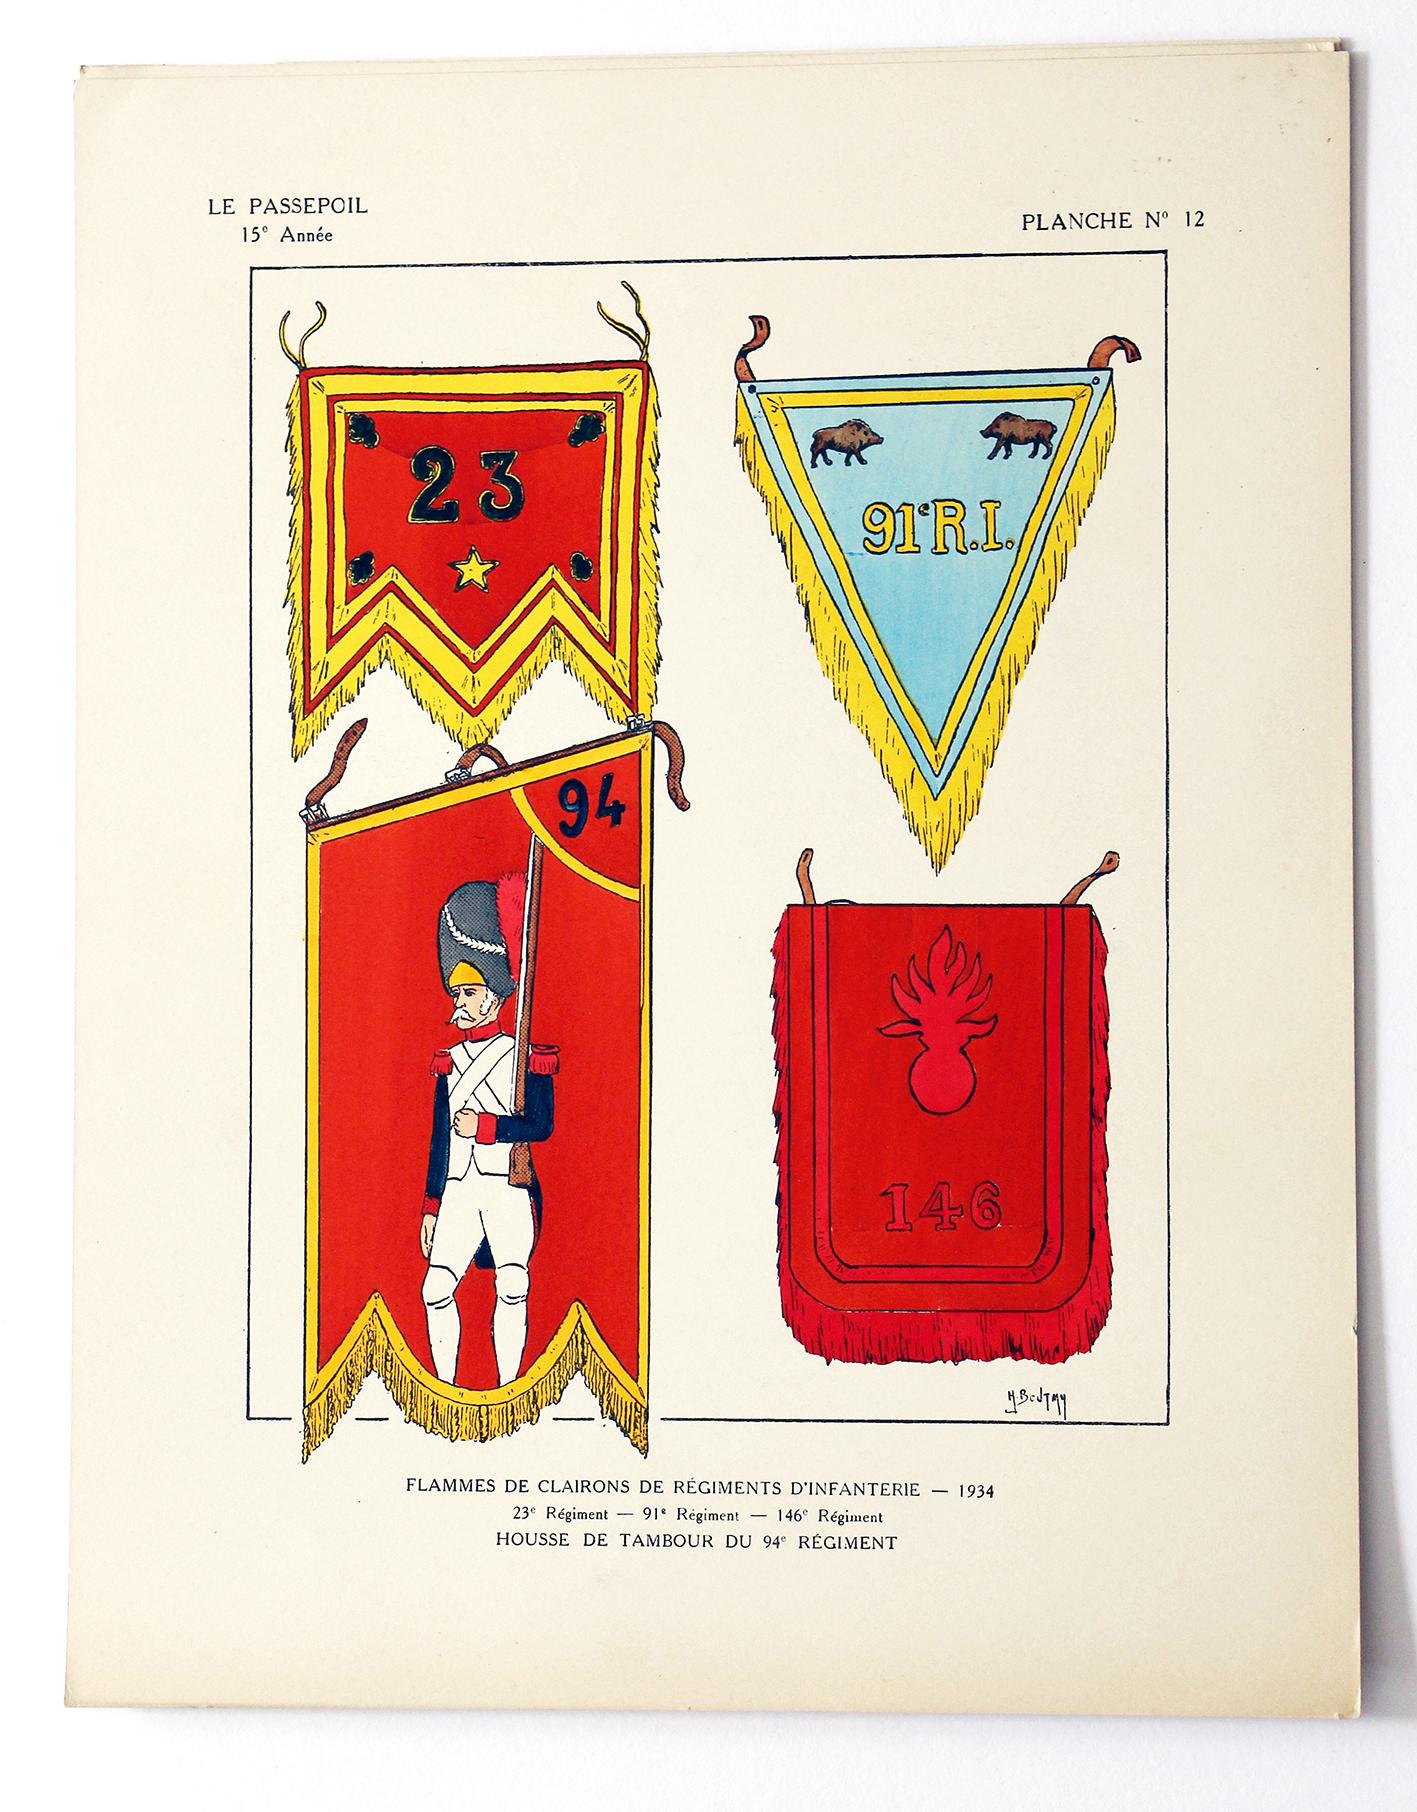 Le passepoil année 1935 complète - 15 année N°3 - Bucquoy - Uniformes Armée Française